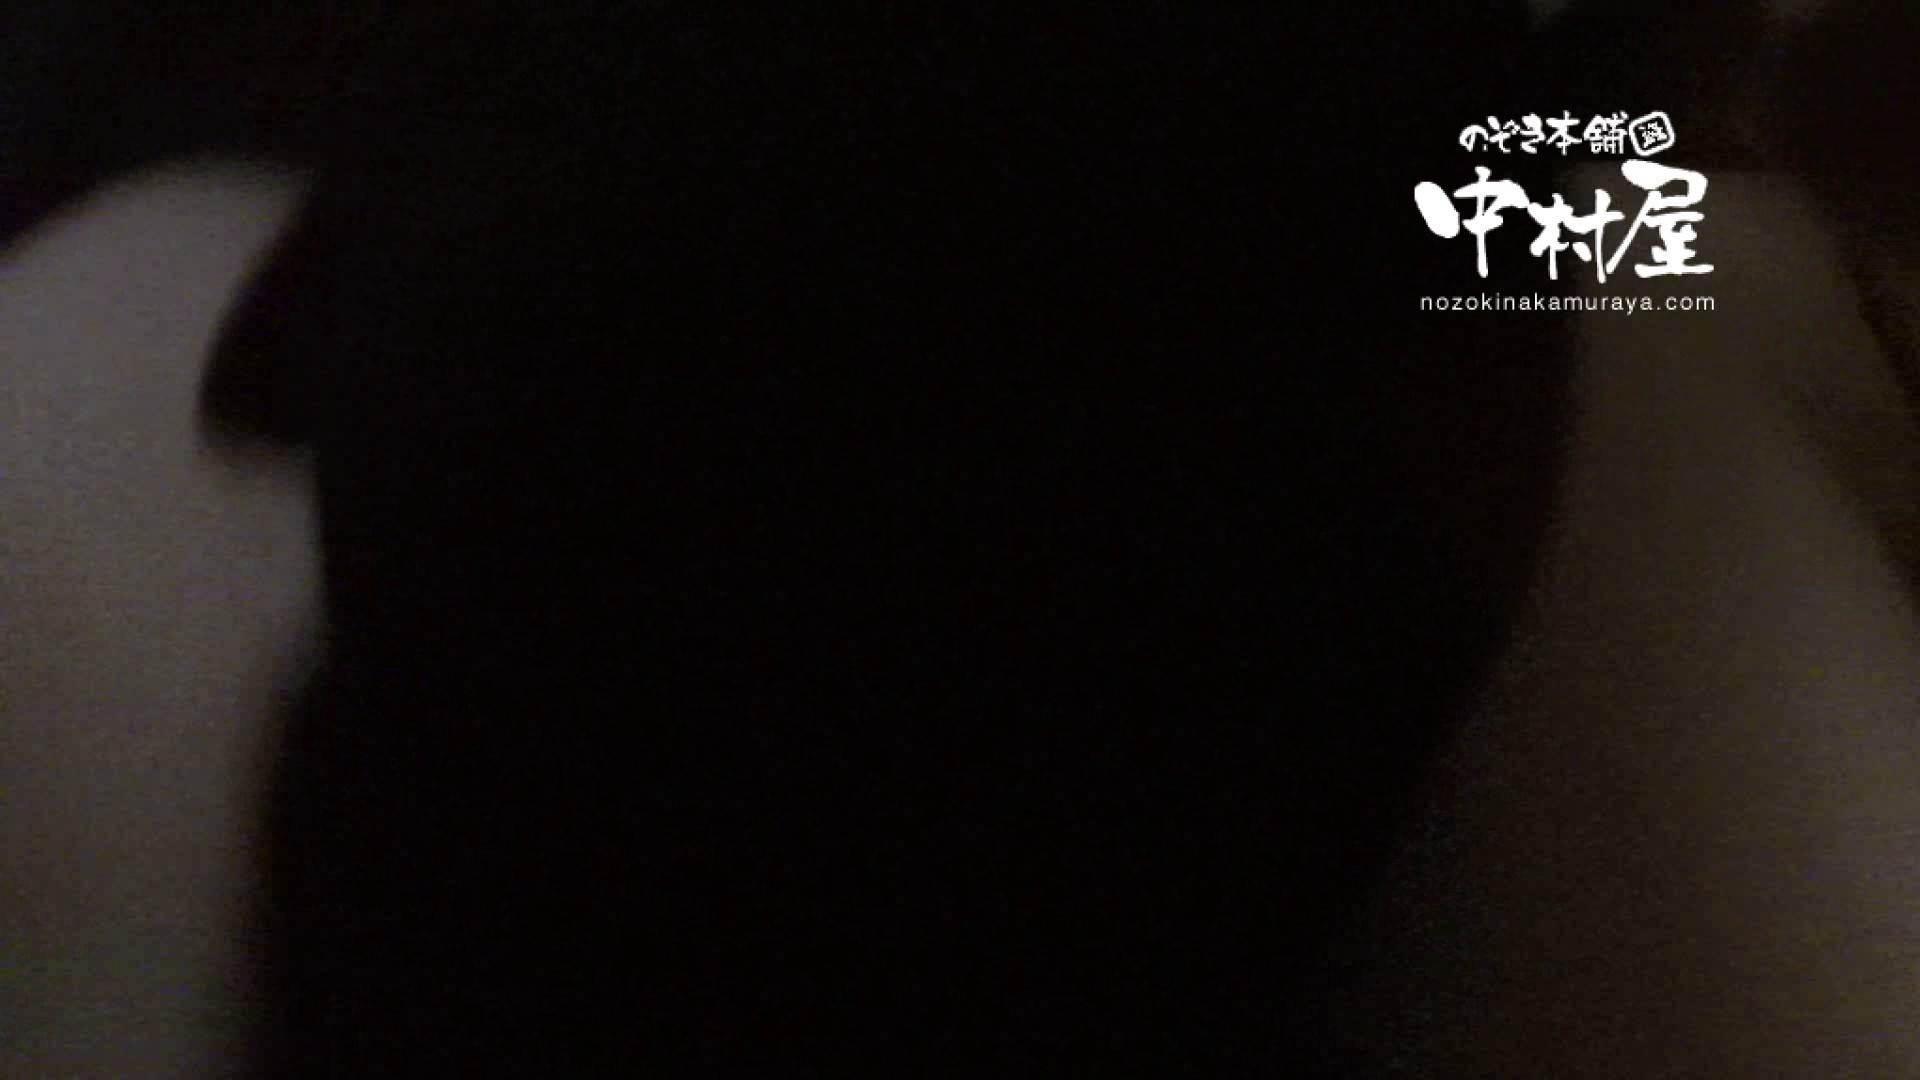 鬼畜 vol.14 小生意気なおなごにはペナルティー 後編 独身エッチOL | 鬼畜  106pic 34